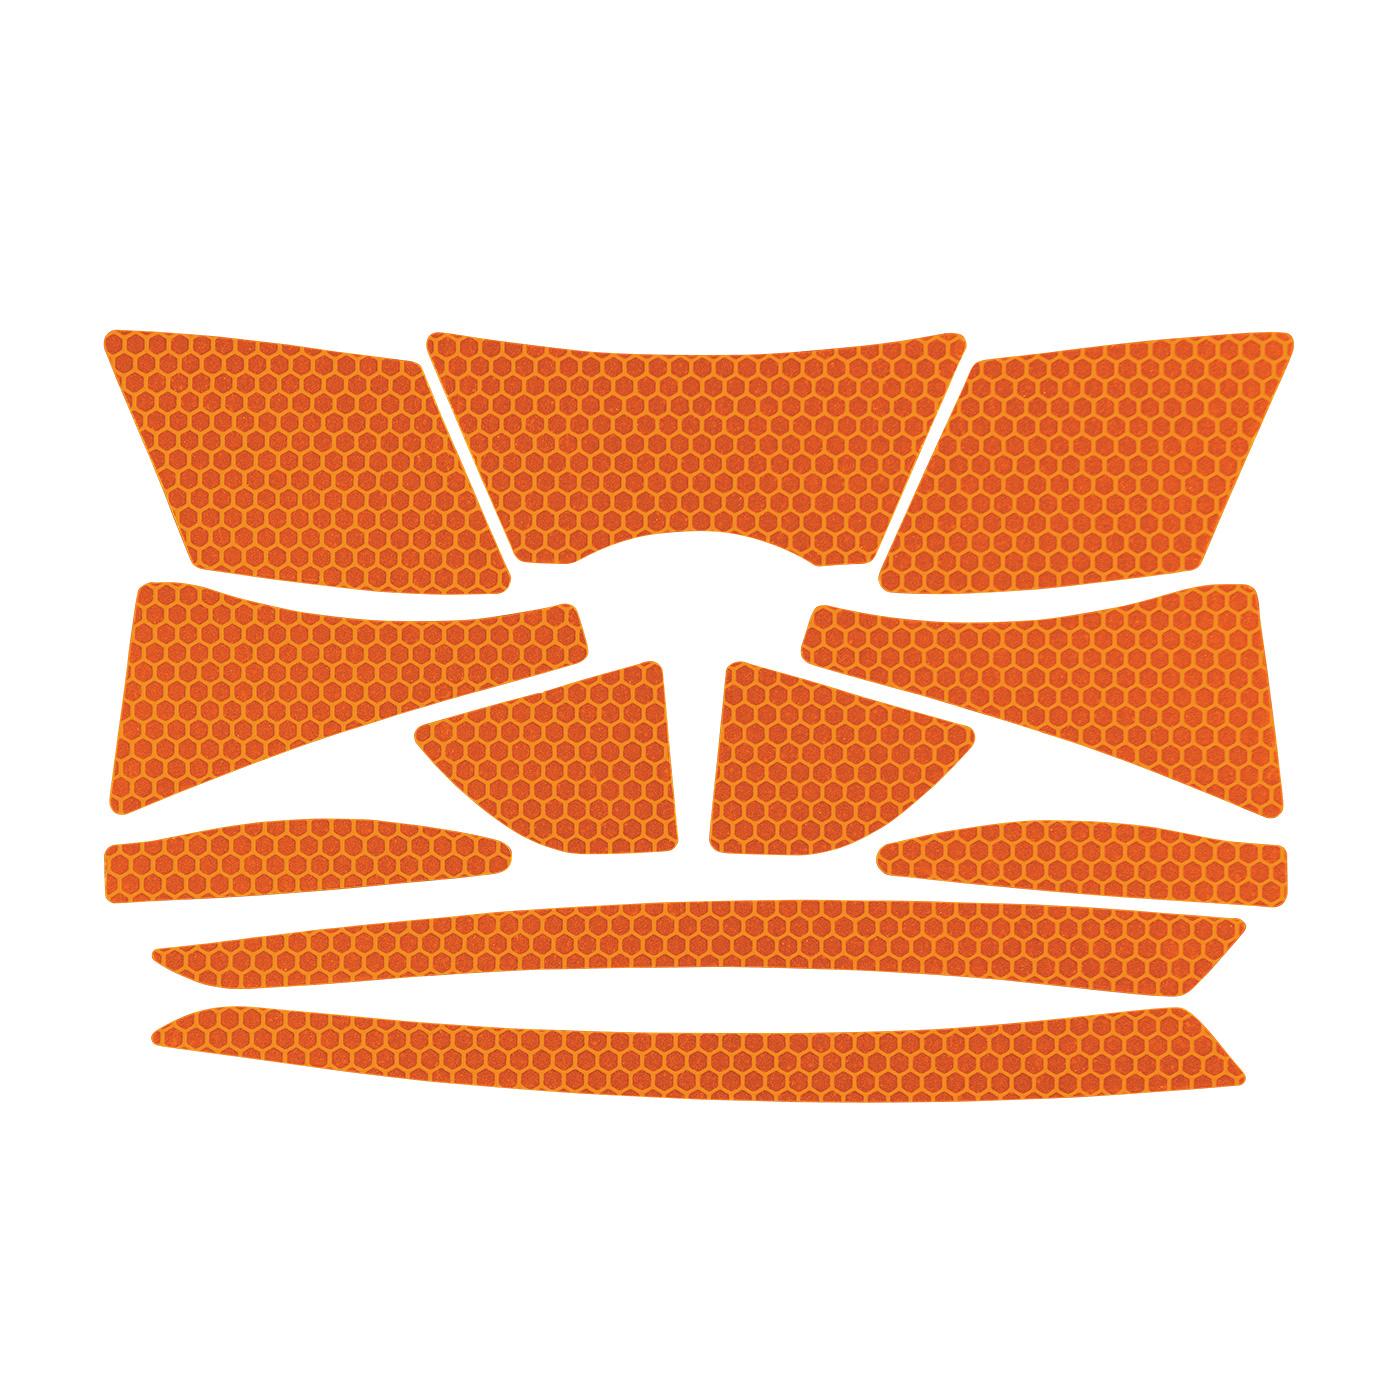 JSP® 281-CR2-10-OR Reflective Kit, Orange